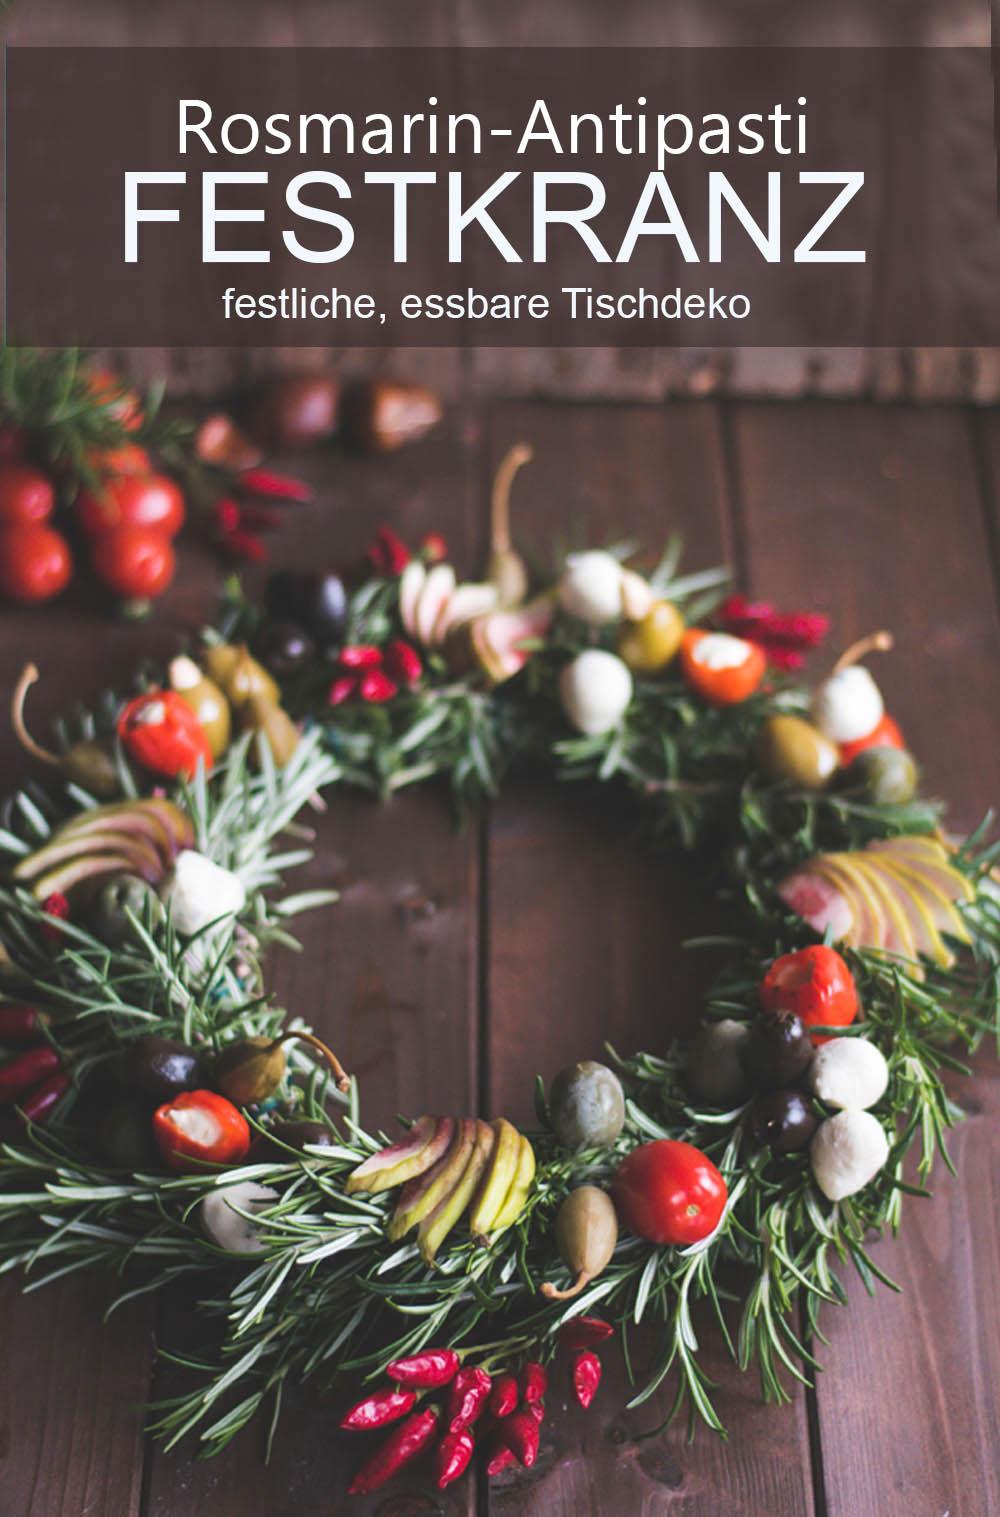 Rosmarin-Antipasti-Festkranz - Essbares DIY für festliche Gelegenheiten. Weihnachten oder Sommerfest, dieser mediterrane Kranz ist eine tolle Tischdeko #DIY #kranz #tischdeko #anleitung